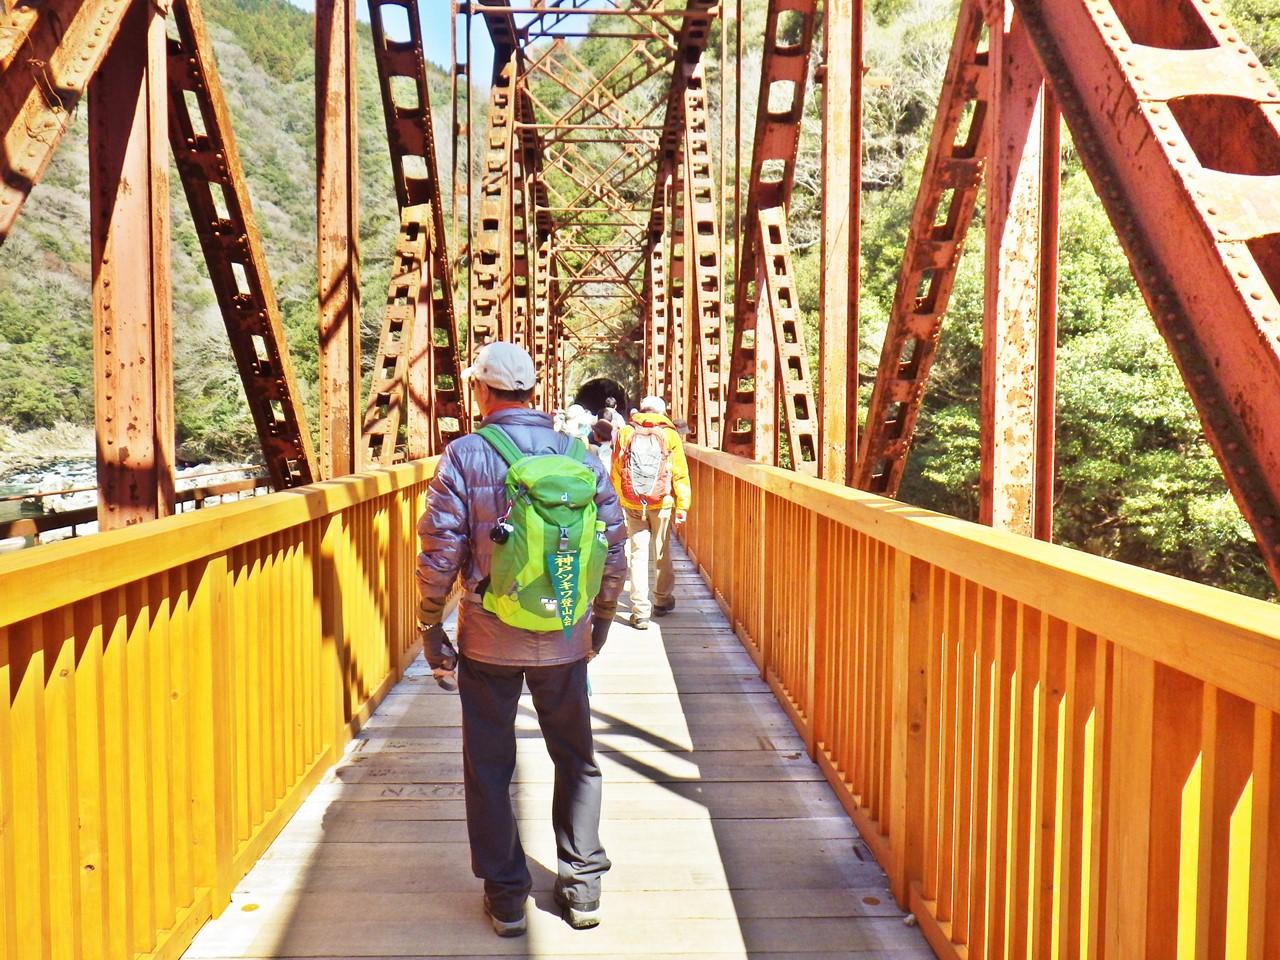 06a 武庫川第2橋梁を渡る